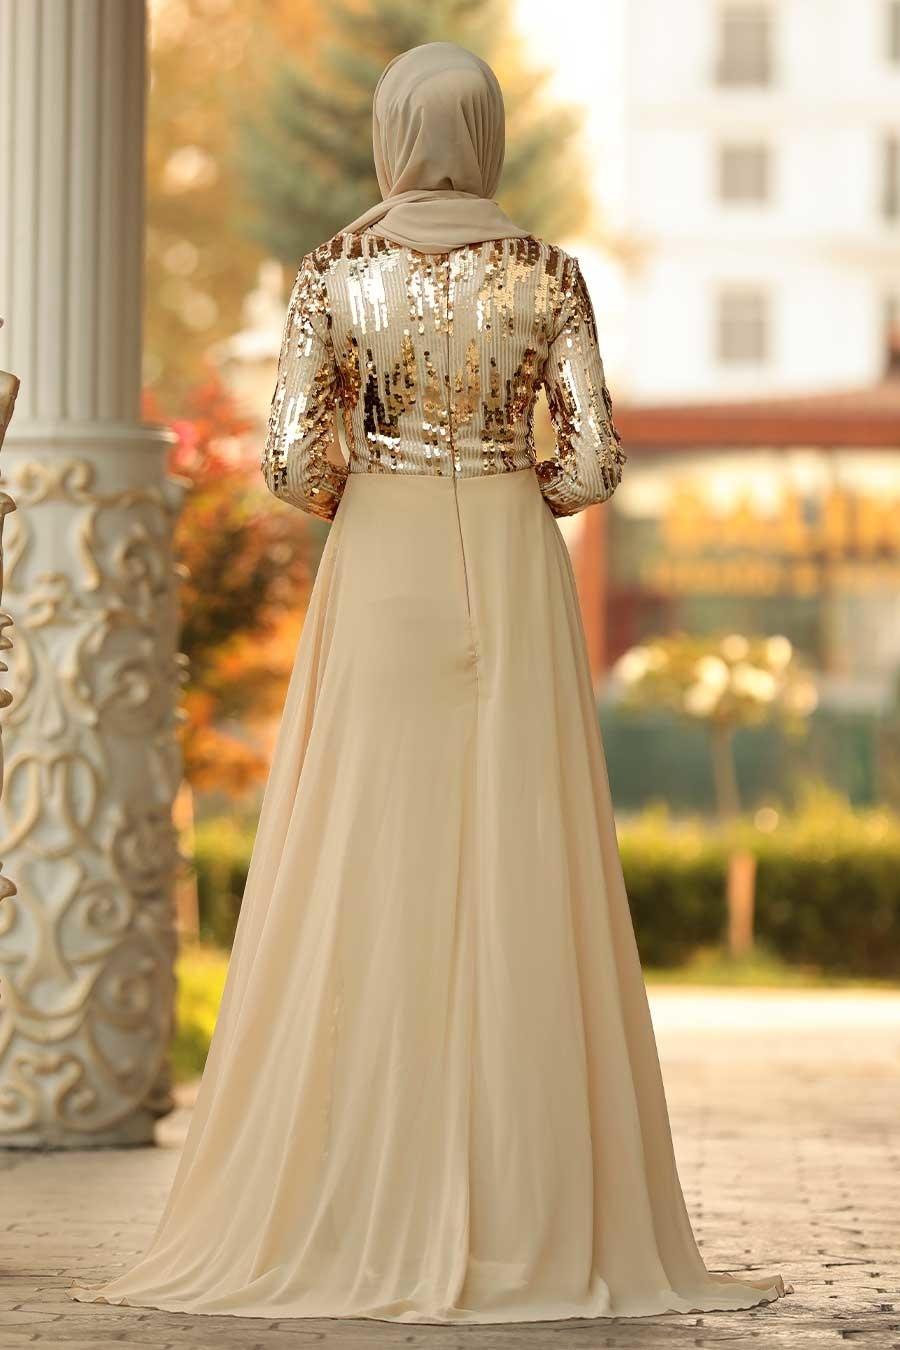 Tesettürlü Abiye Elbise - Pul Payetli Gold Tesettür Abiye Elbise 9111GOLD